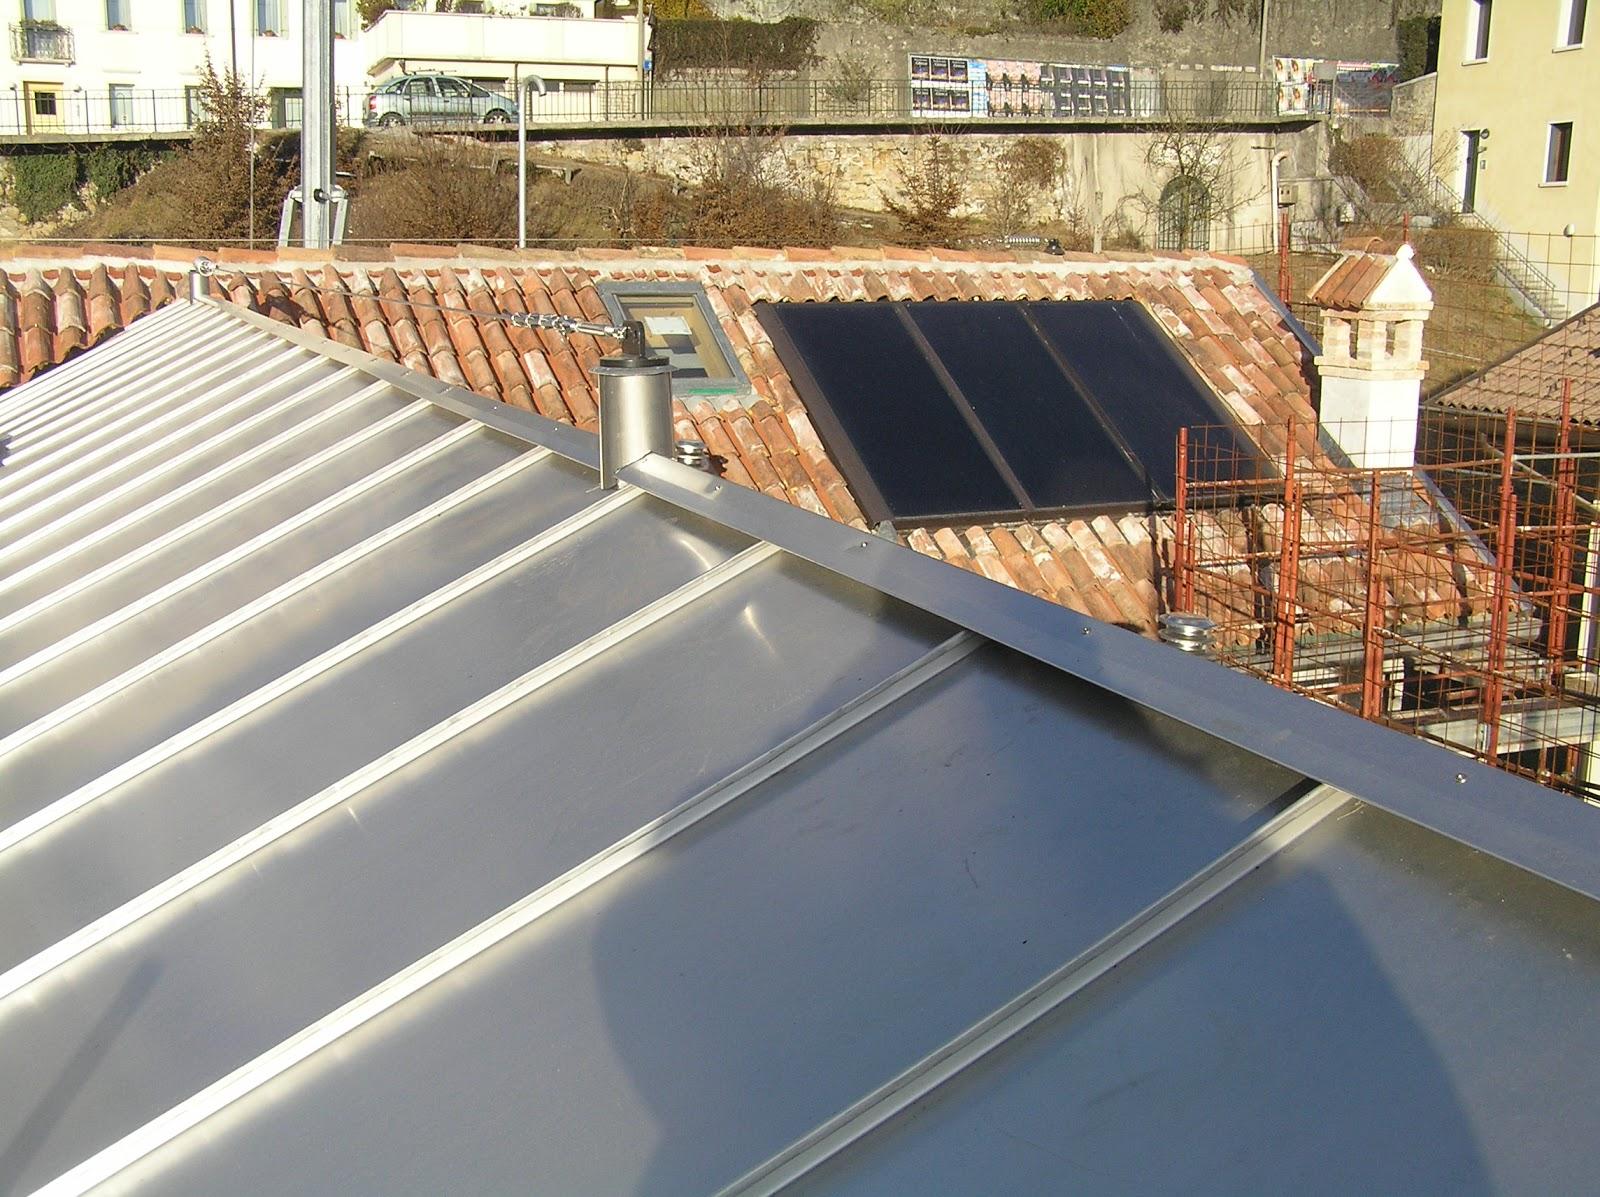 Renovations in apnoea ristrutturazione in apnea for Pannelli solari solar